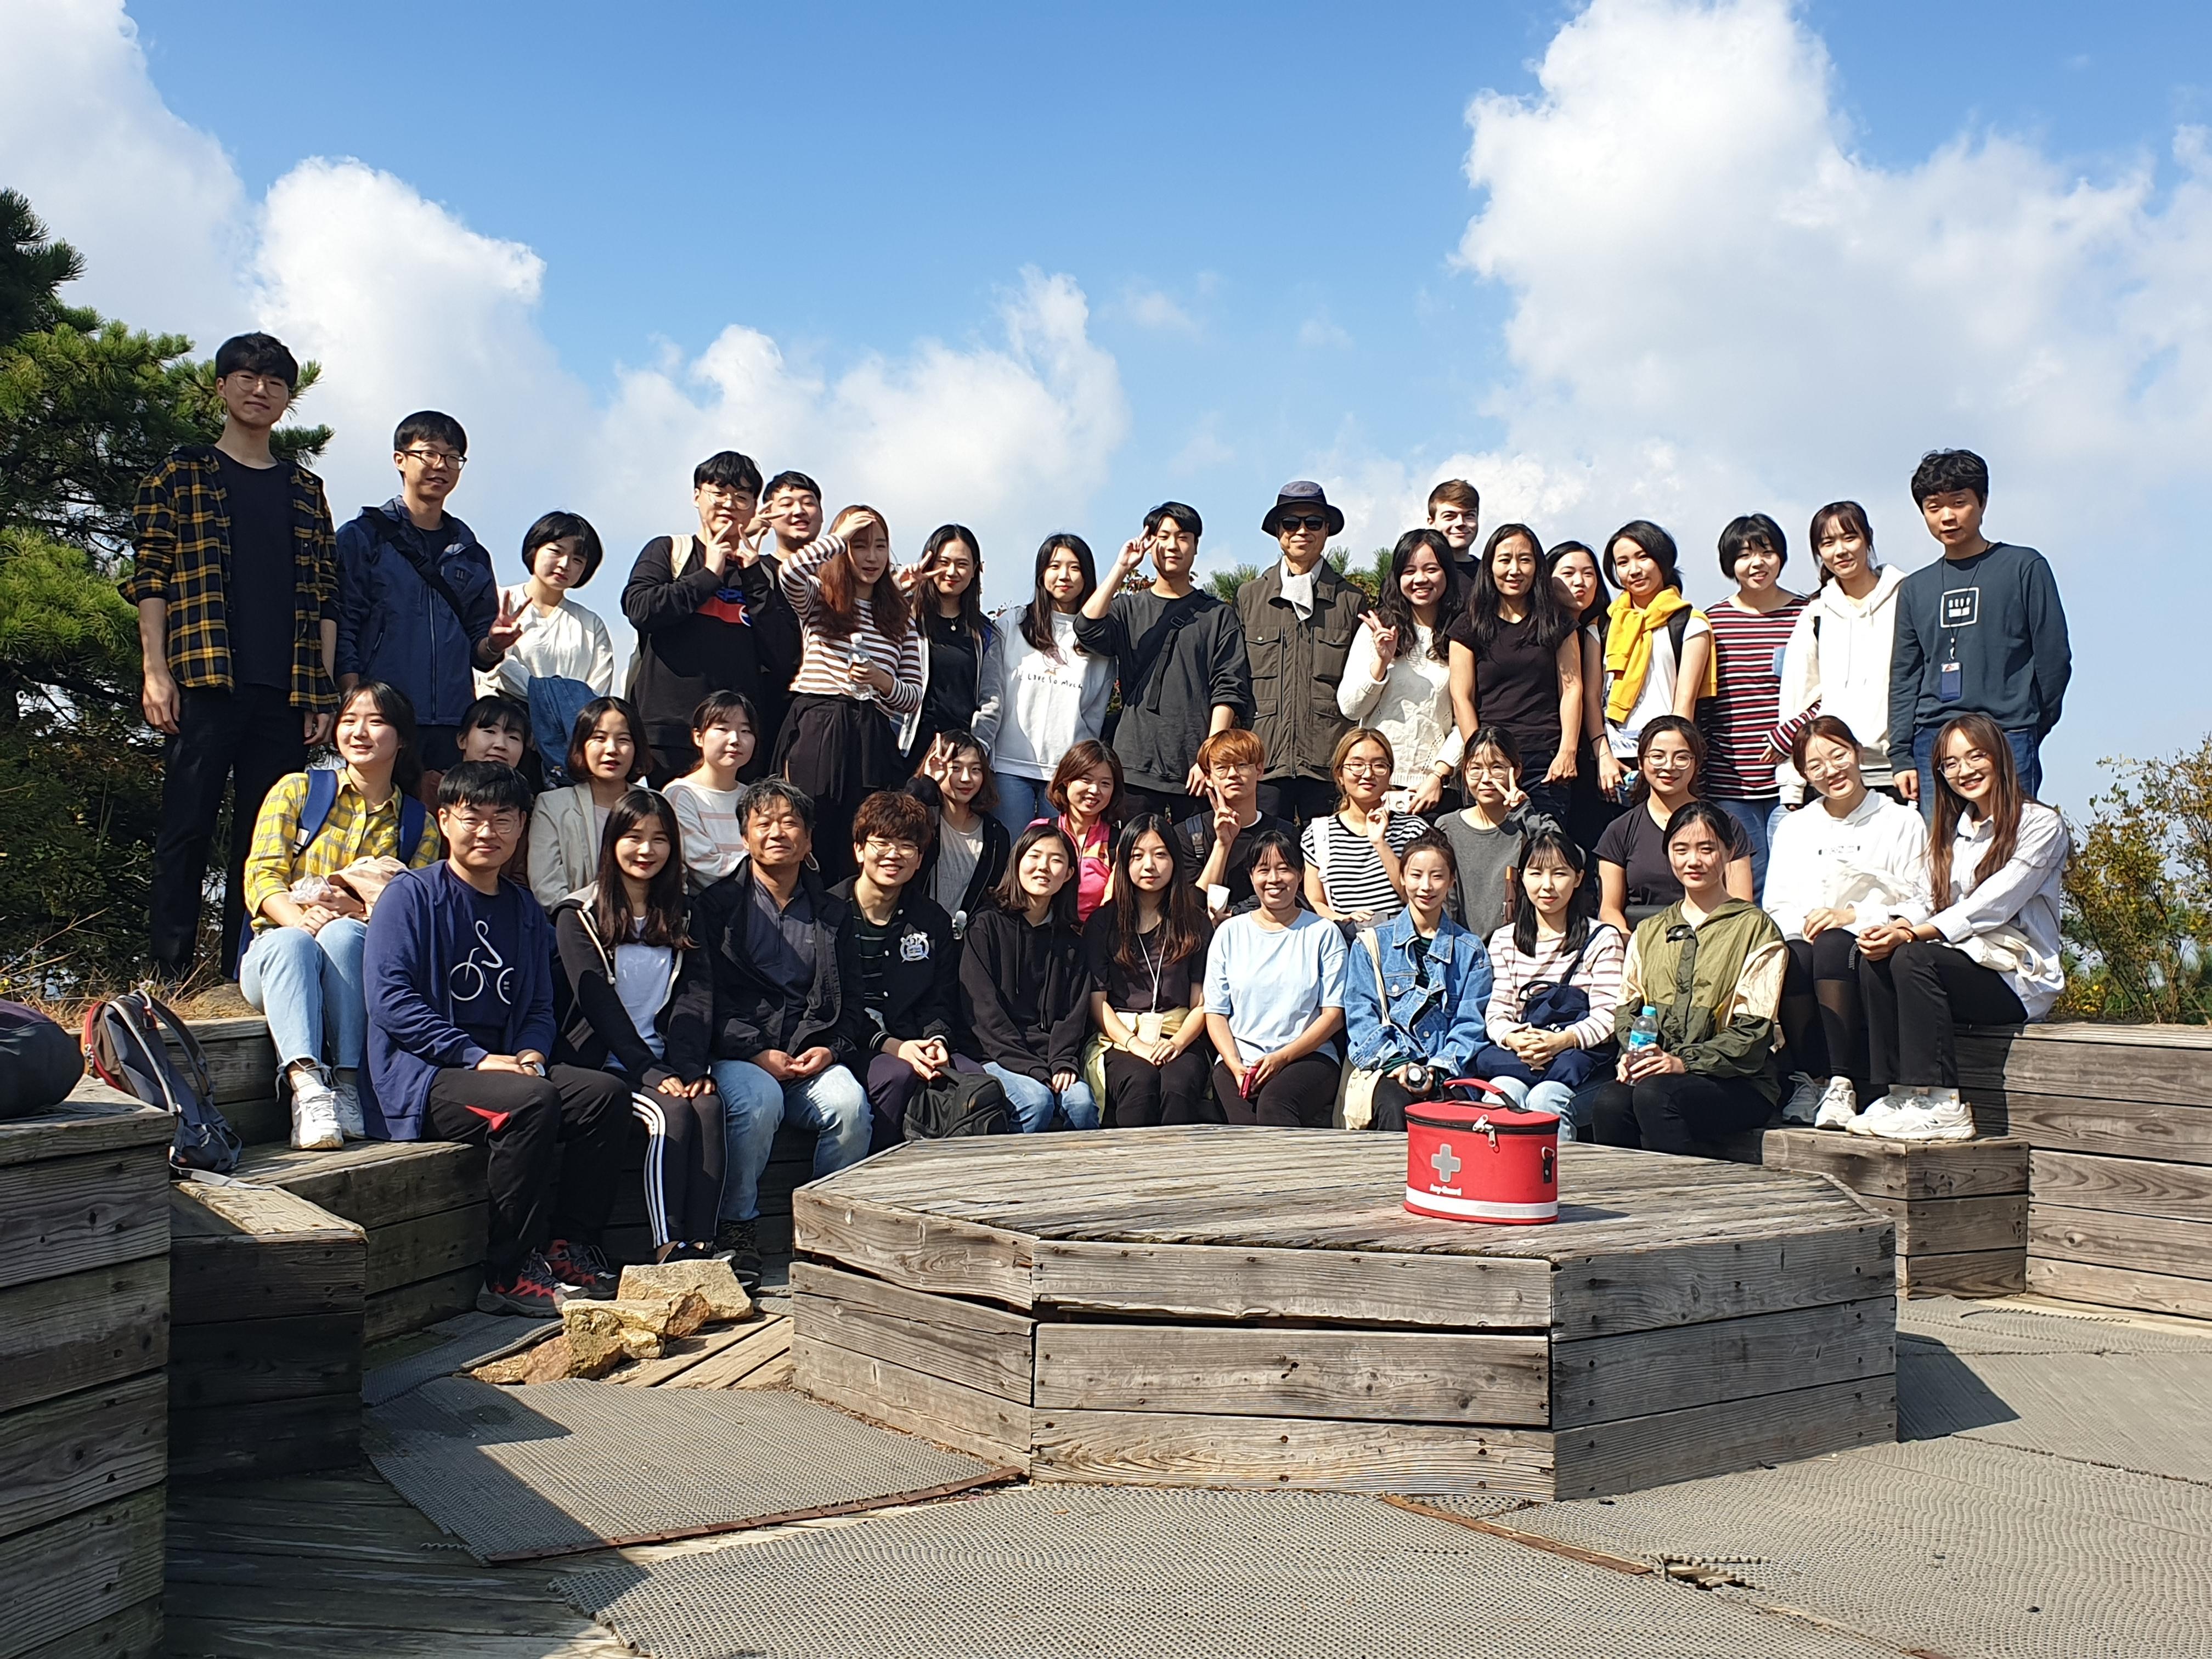 2019.10.8. 한글날 기념 등산